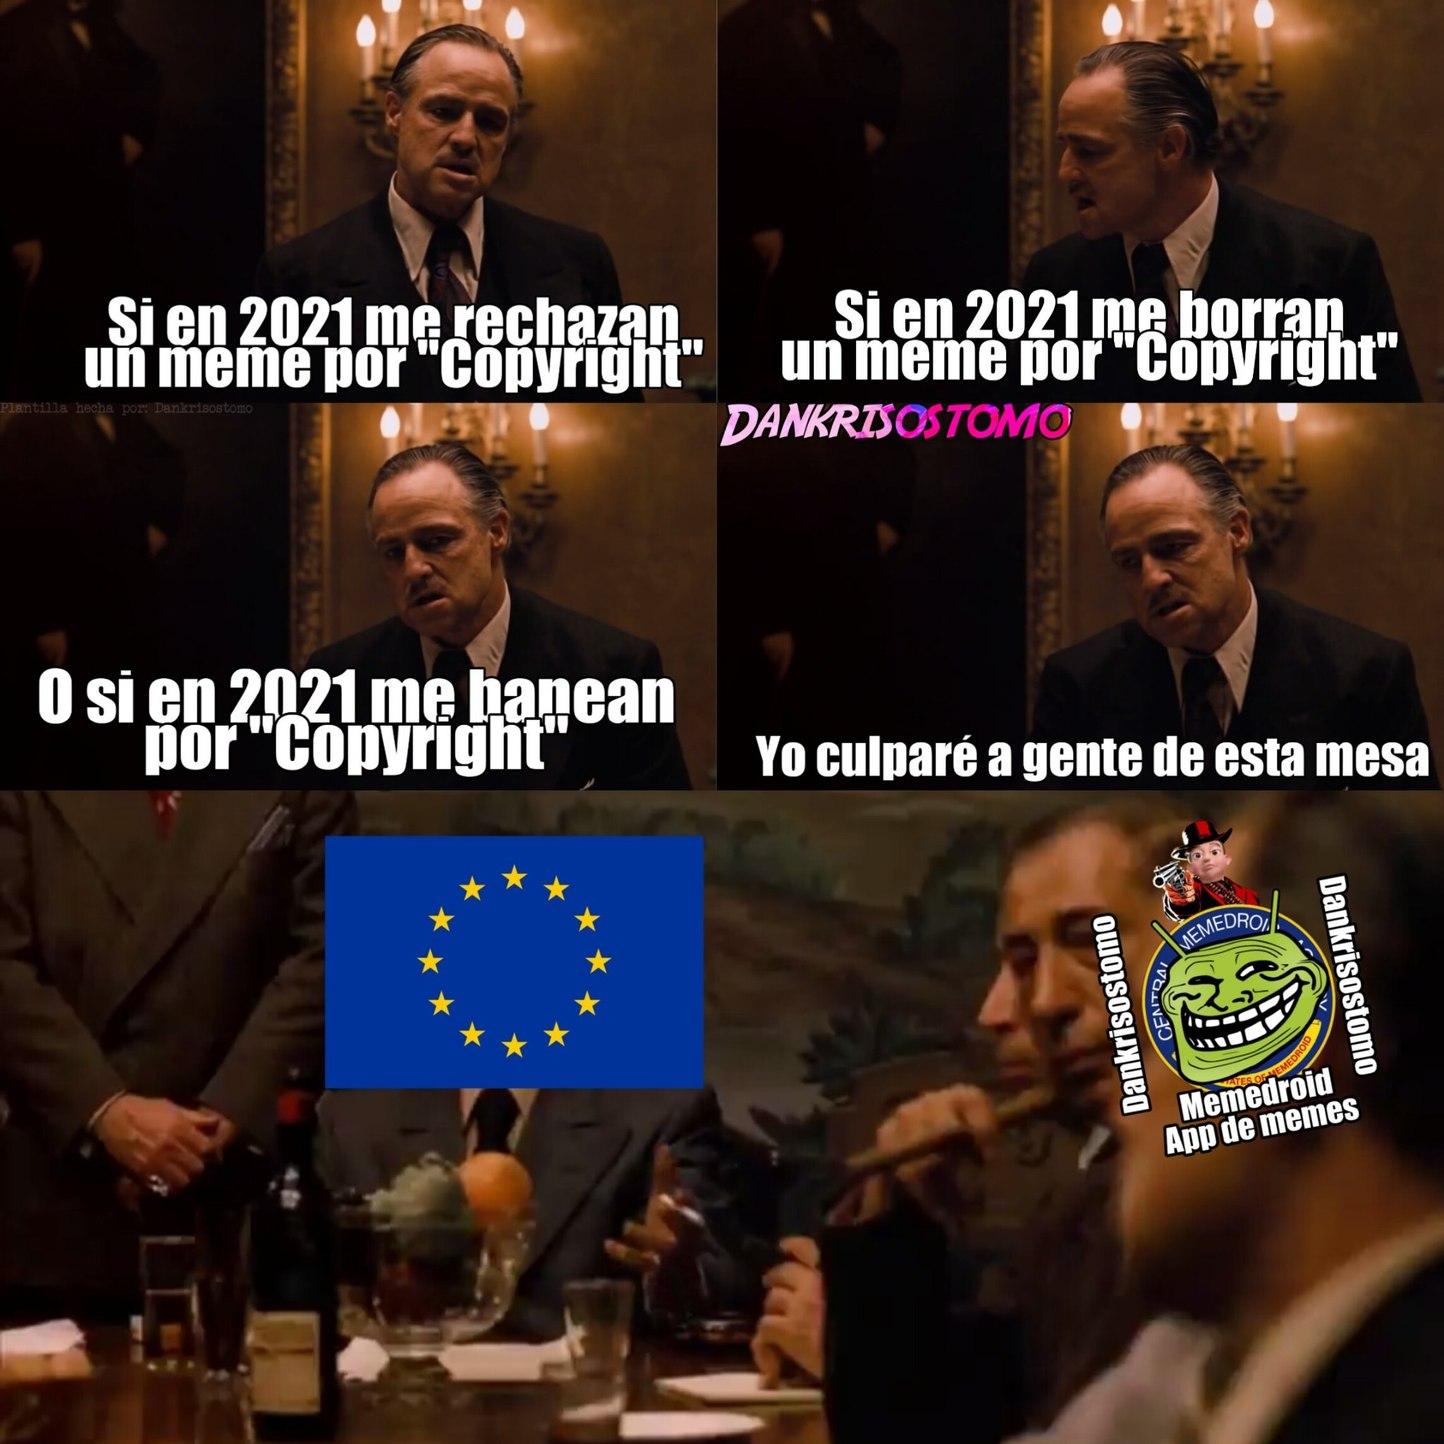 Por si no entienden, el artículo 13 se aceptará en 2021. - meme